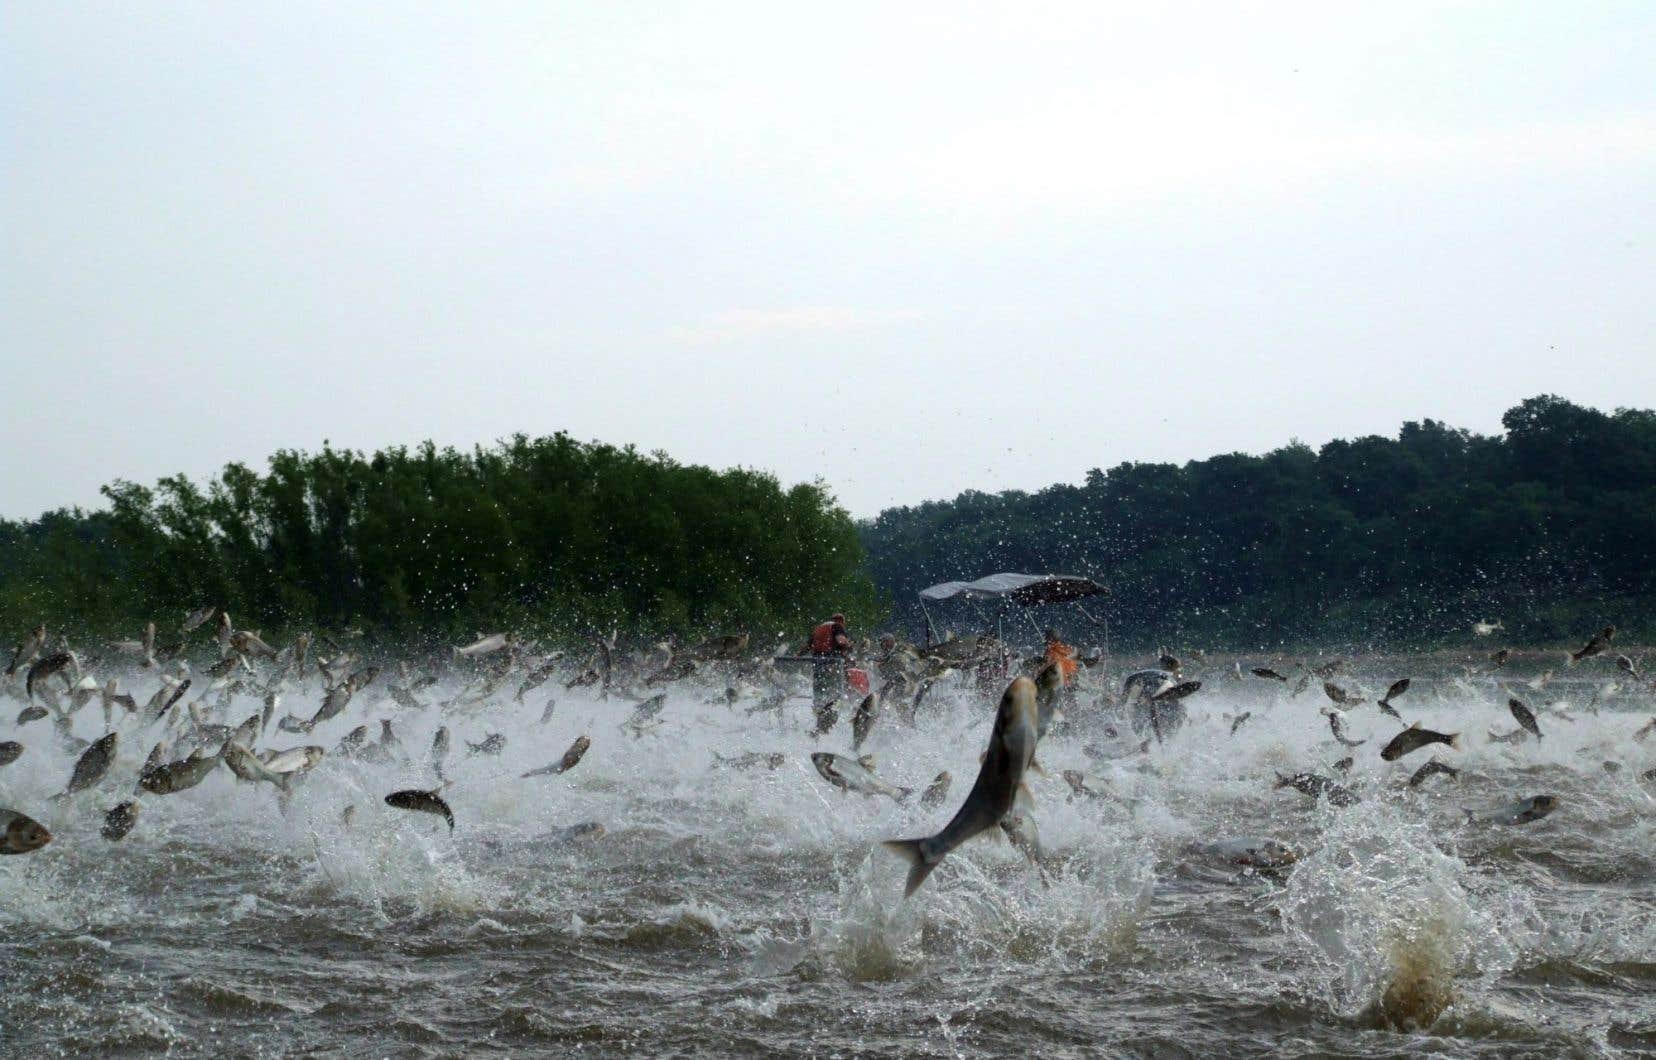 Des carpes argentées dans la rivière Illinois, aux États-Unis, en décembre 2009. Les carpes représentent, à certains endroits de ce cours d'eau, plus de 90% de la biomasse animale.